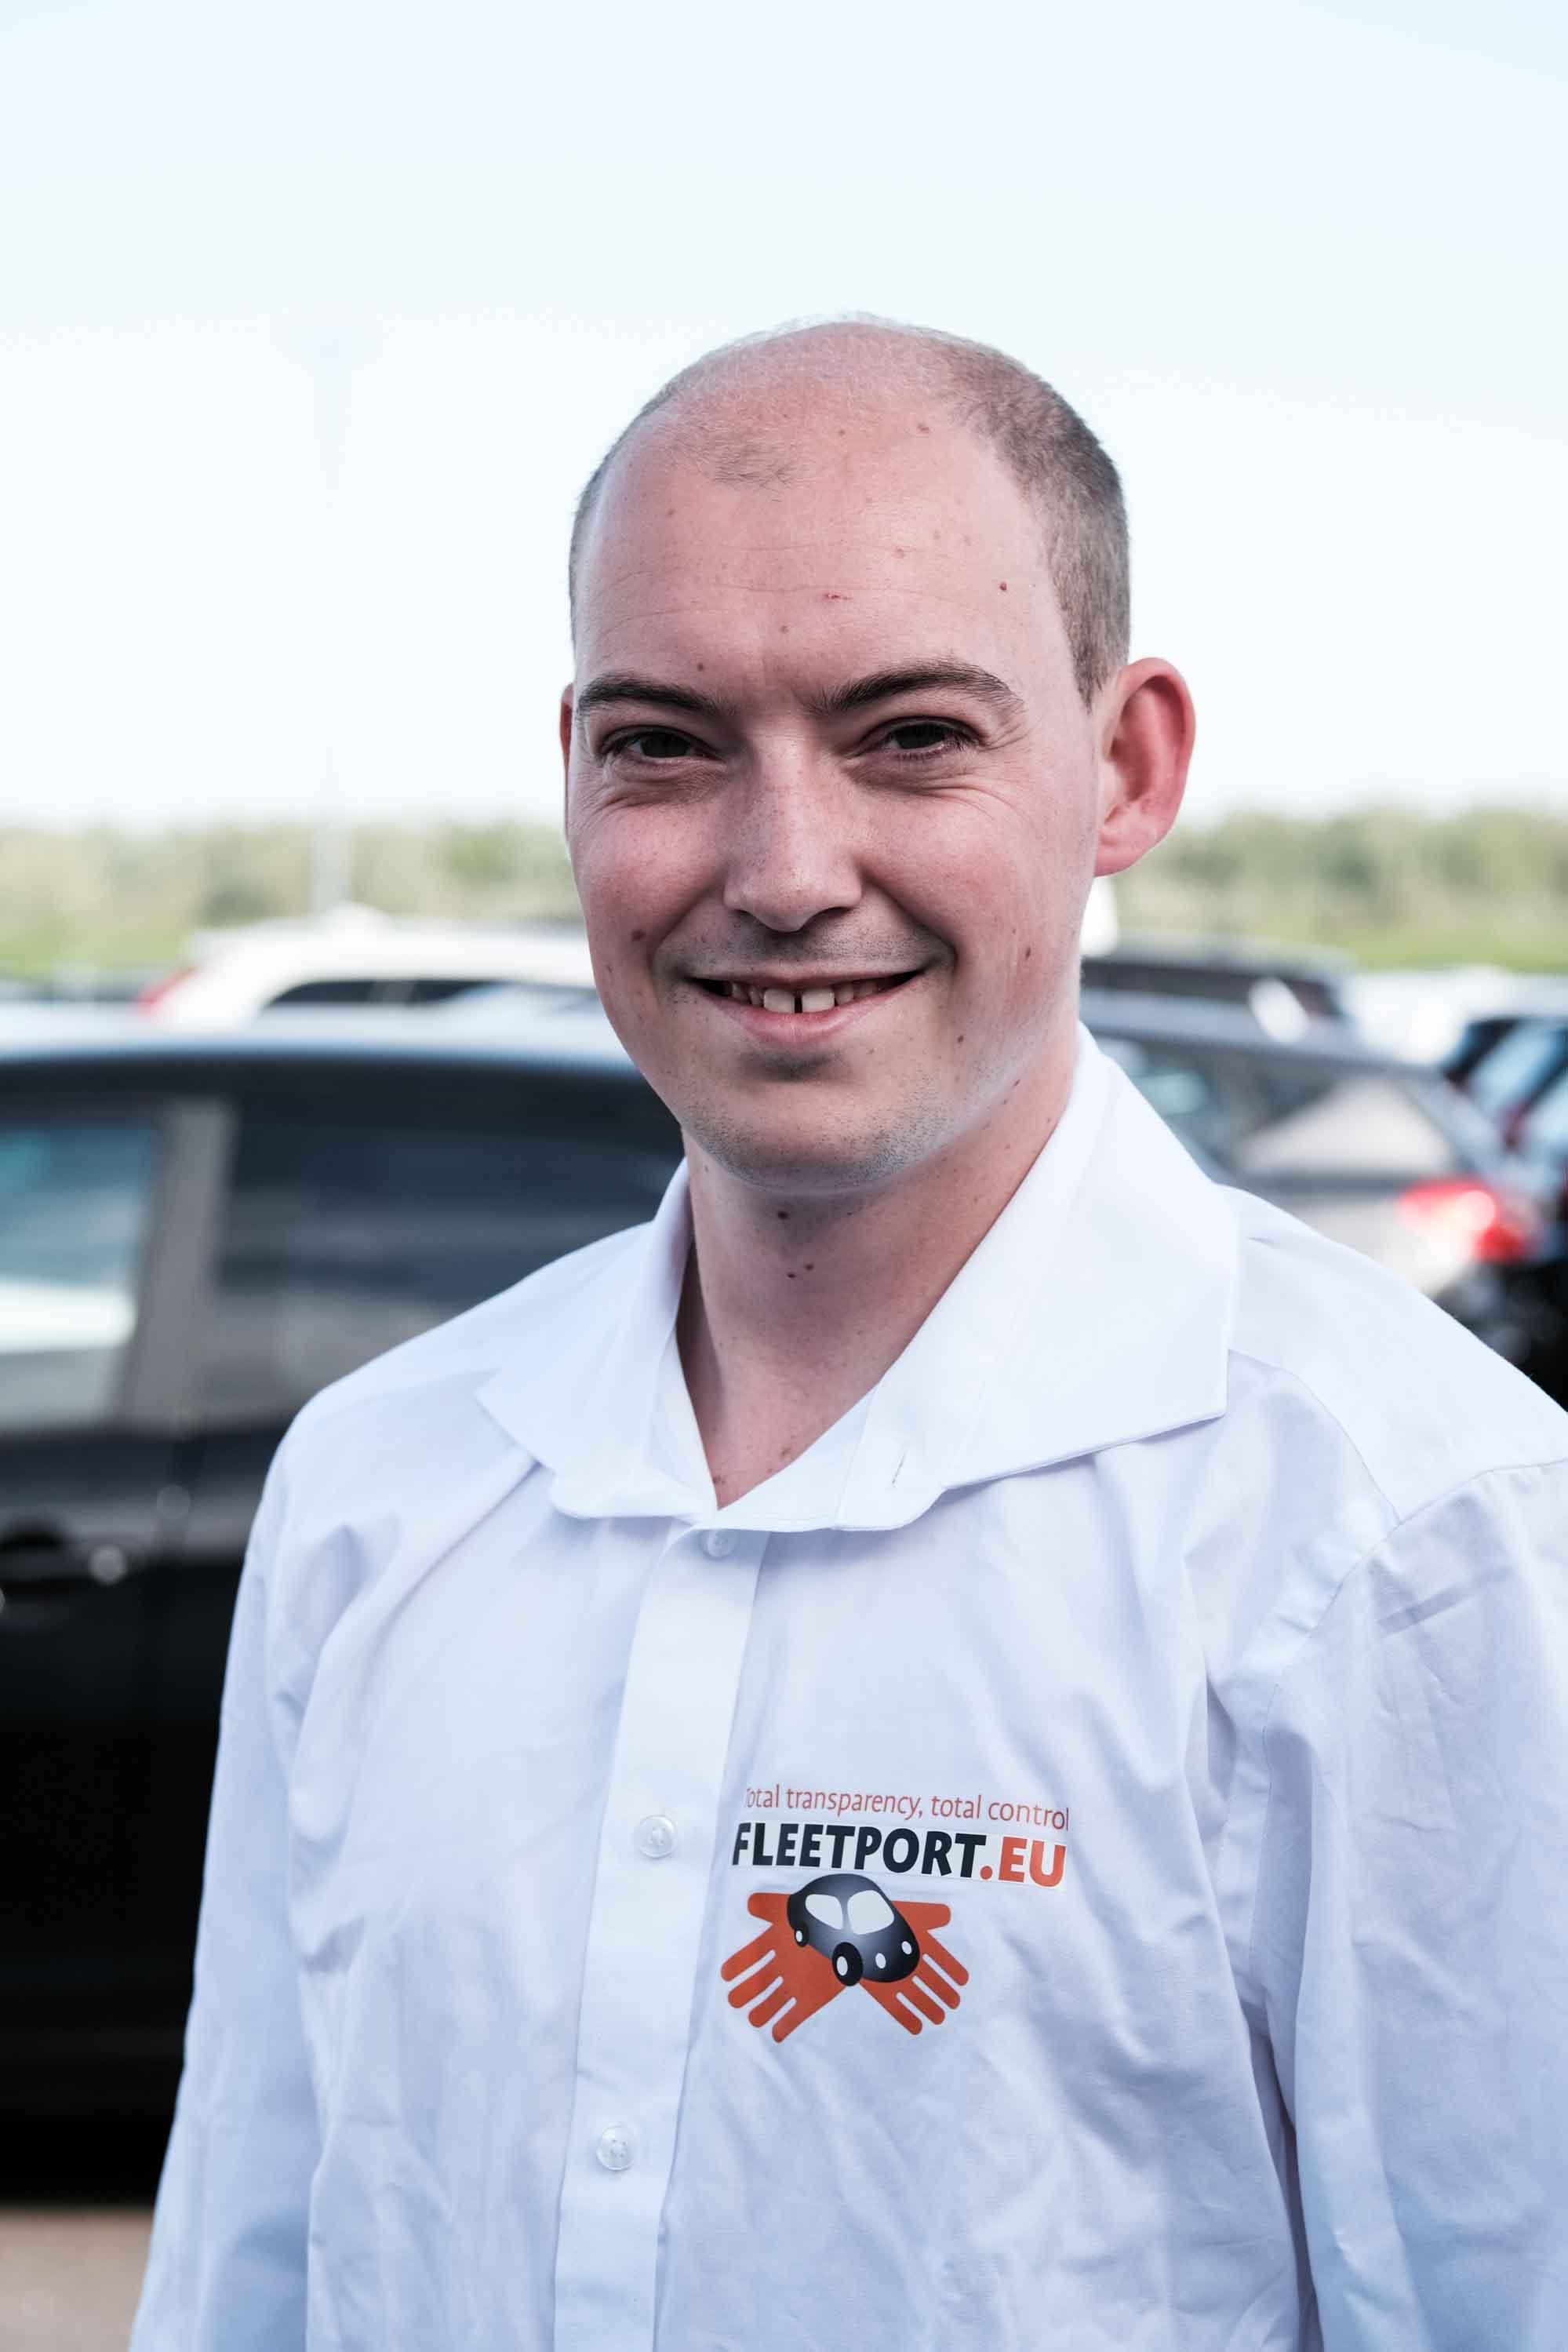 Marcel van Dongen levertijdenmanagement Fleetport